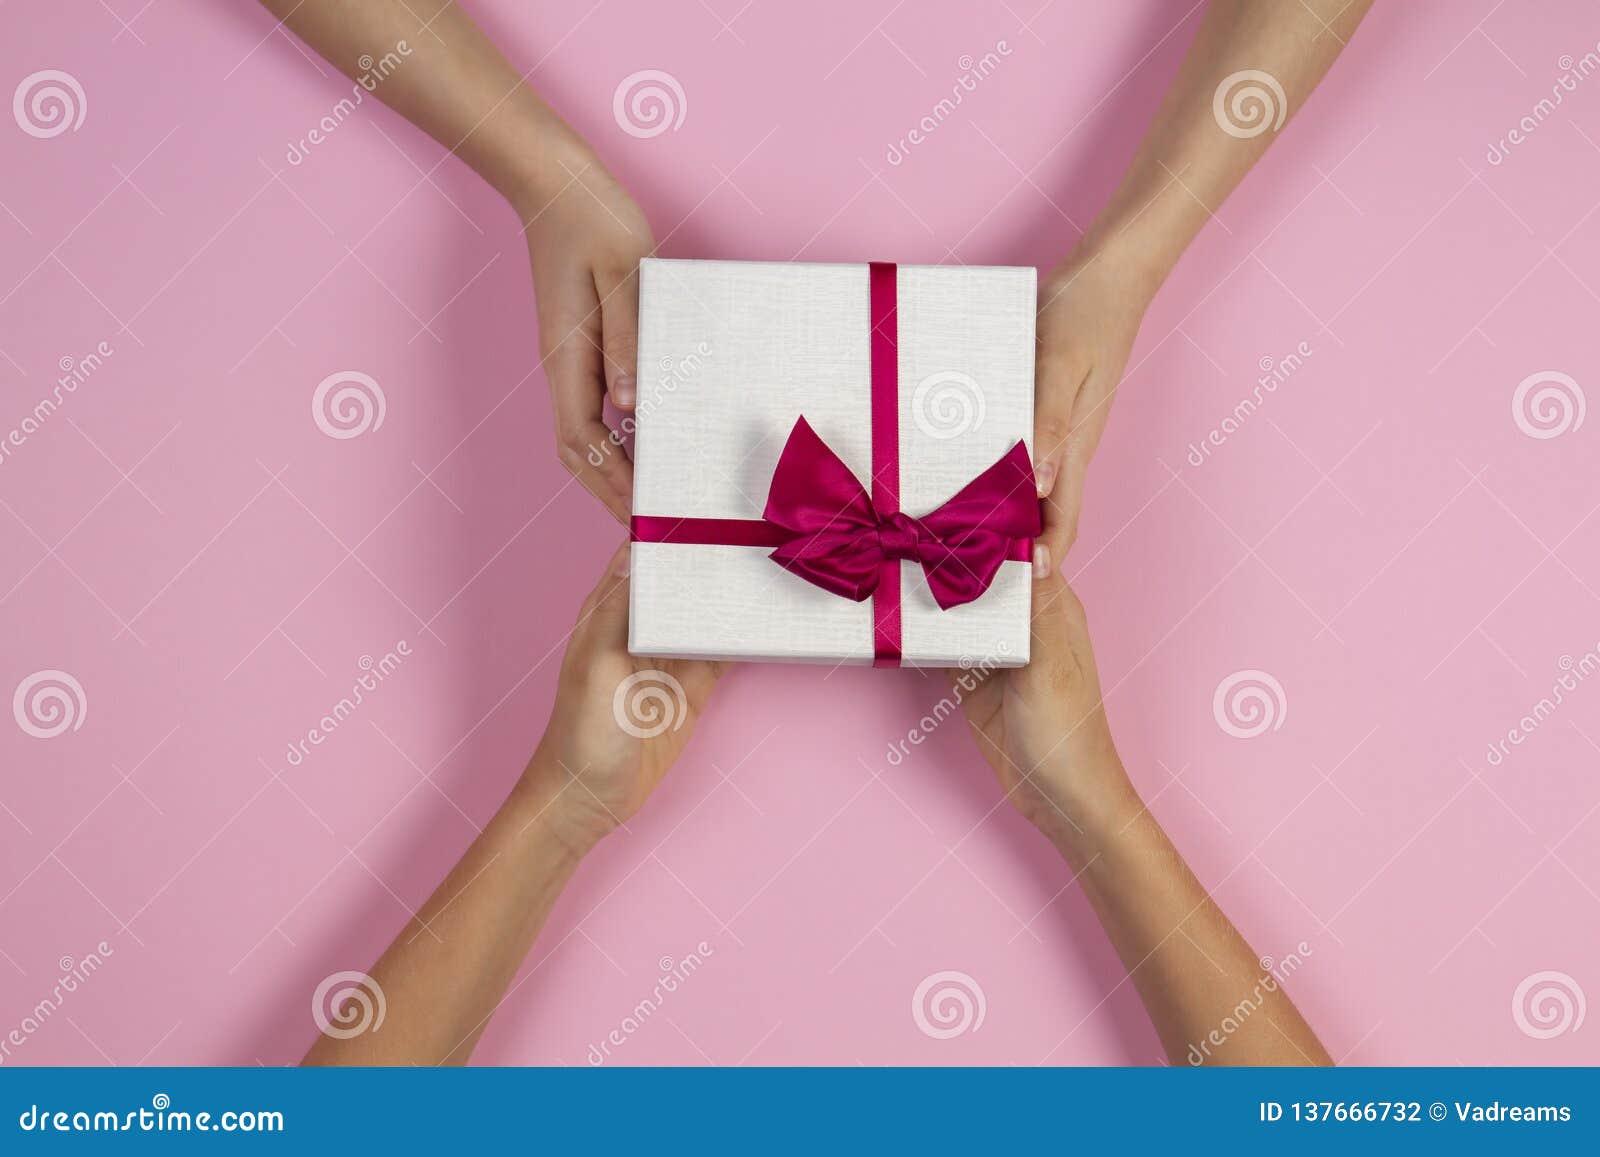 Υπόβαθρο συγχαρητηρίων Τοπ άποψη δύο χεριών προσώπων που δίνουν και που λαμβάνουν ένα παρόν κιβώτιο δώρων με την κορδέλλα στο ροζ